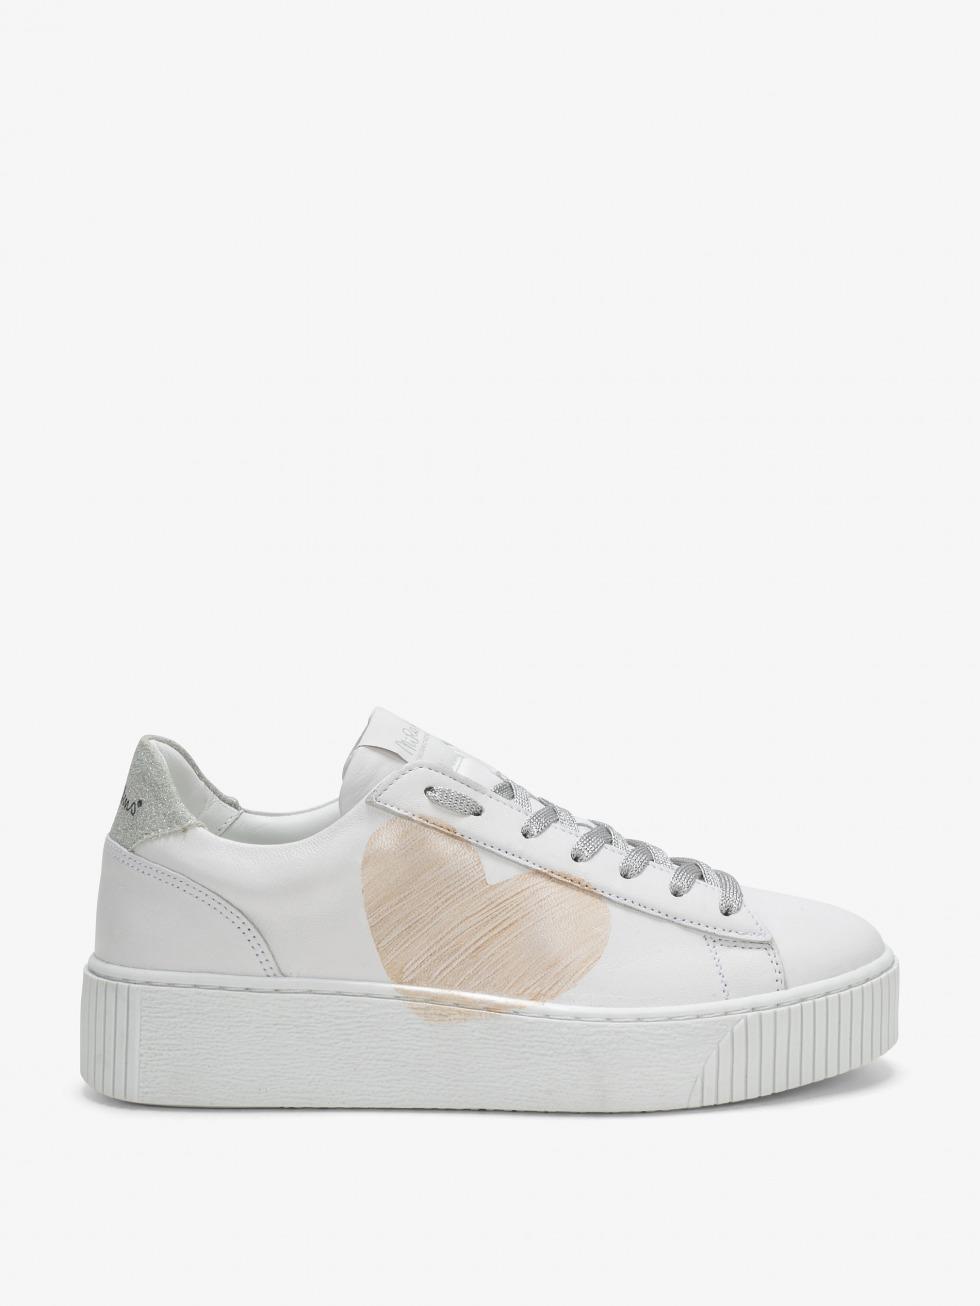 Cosmopolitan Sneakers Luxury Silver - Heart